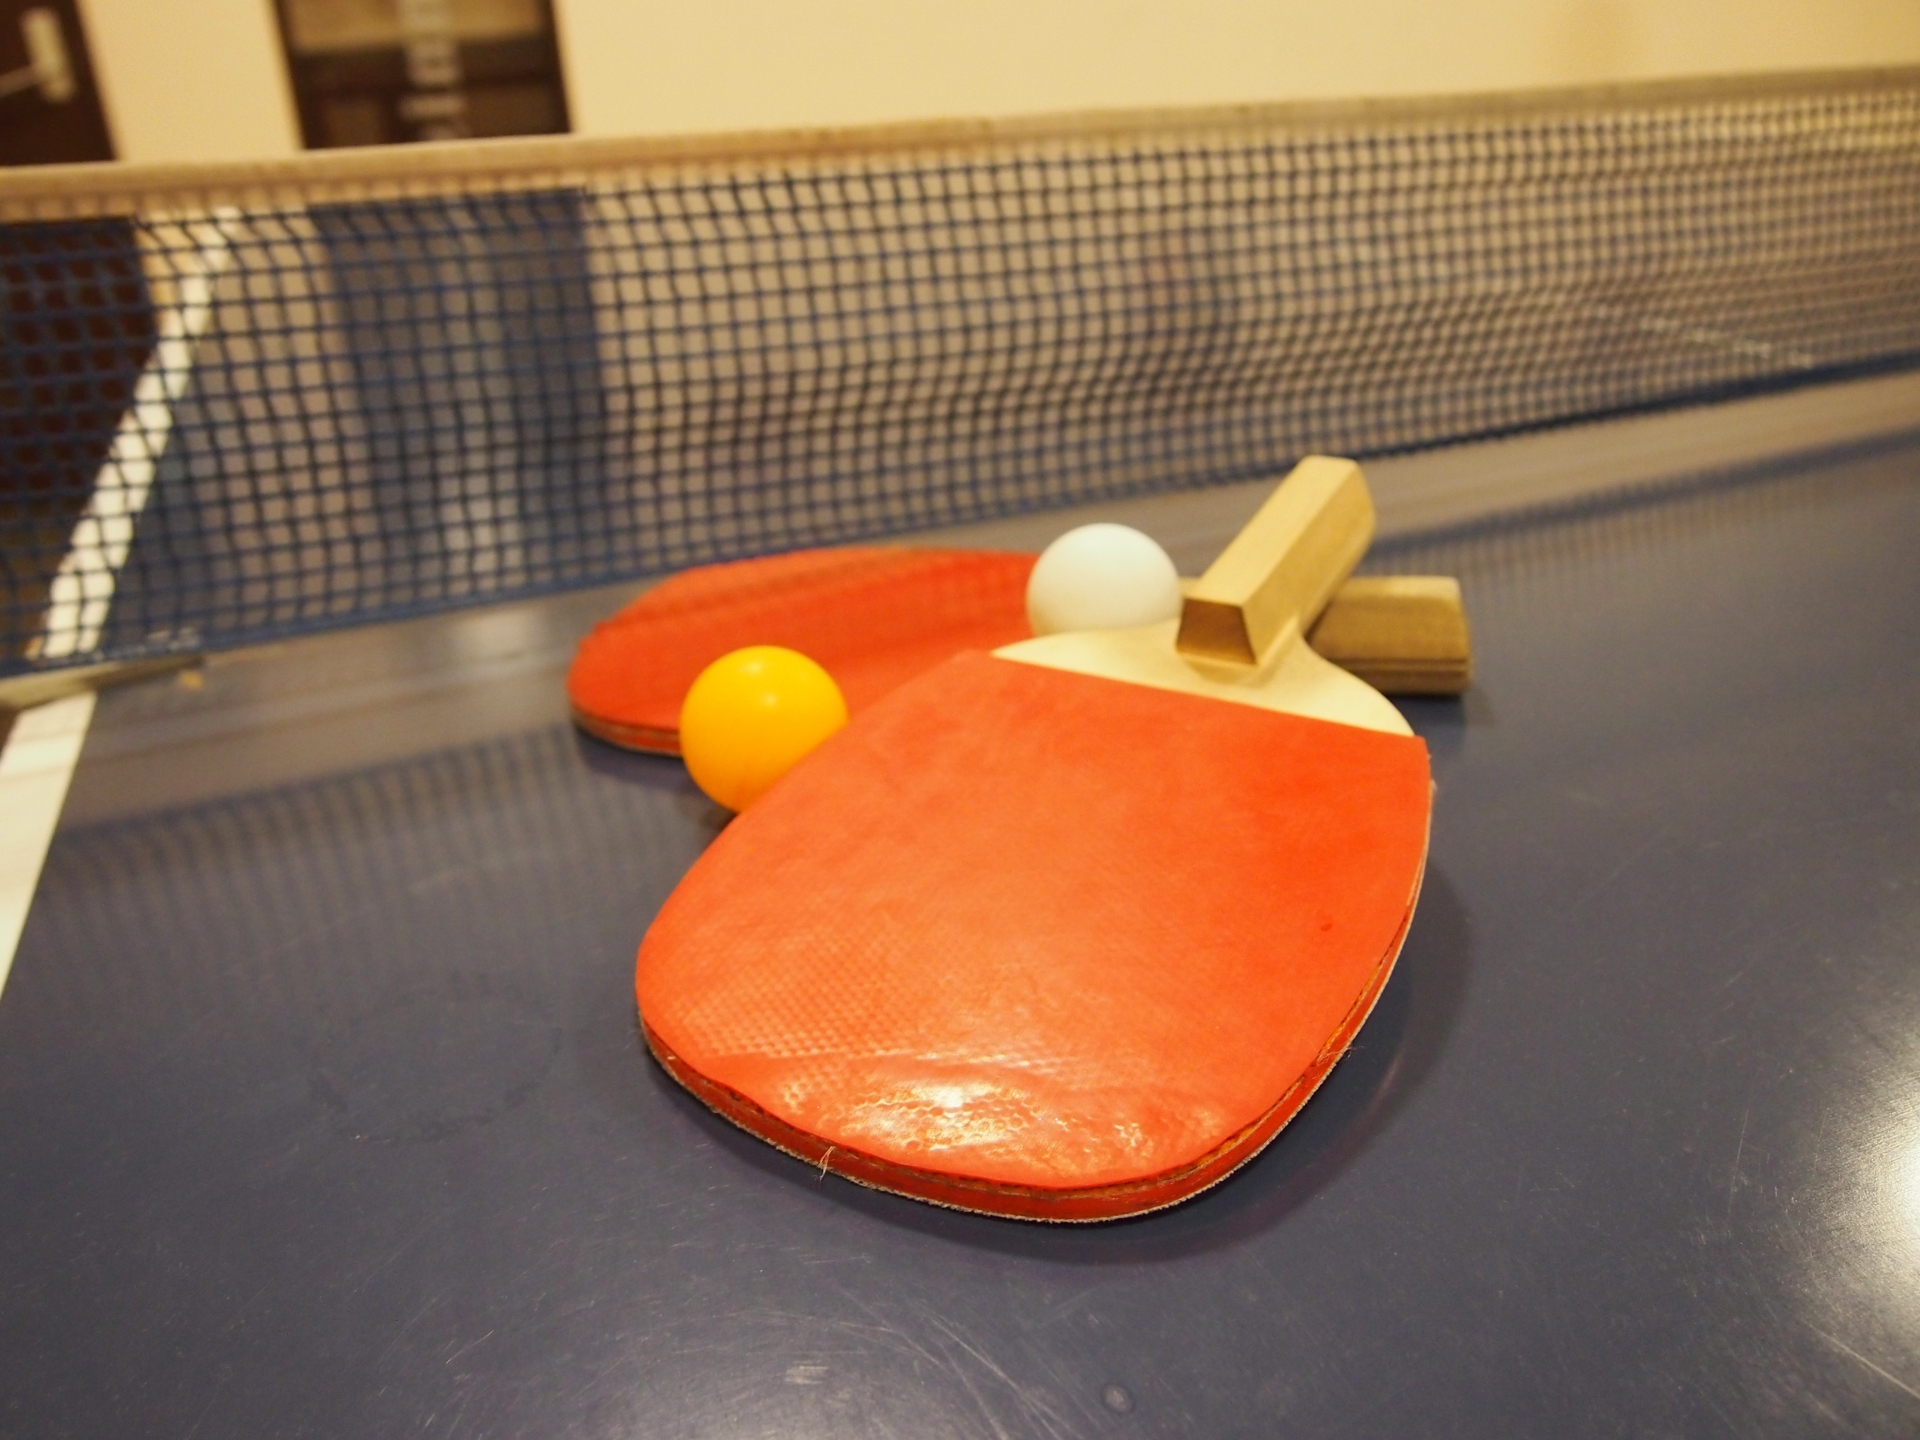 卓球女子にオススメな練習メニューを紹介。卓球の大事な基礎とは